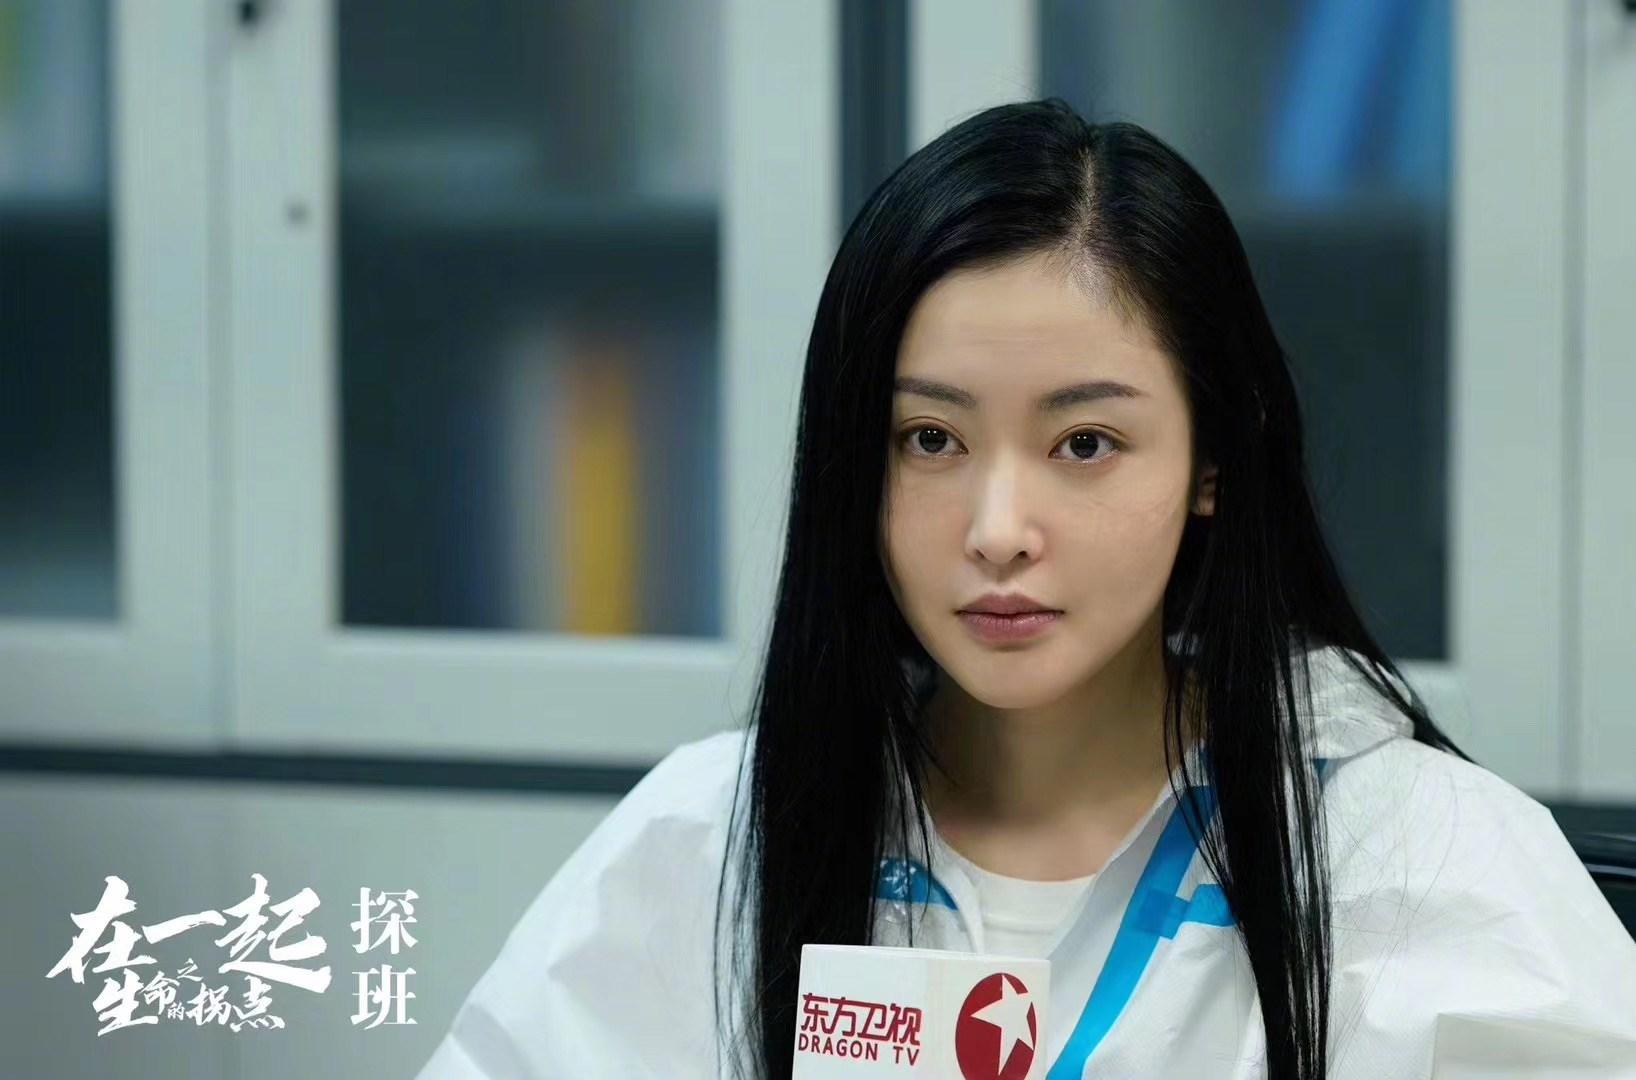 张天爱《在一起》定档,饰演白衣天使致敬最美逆行者